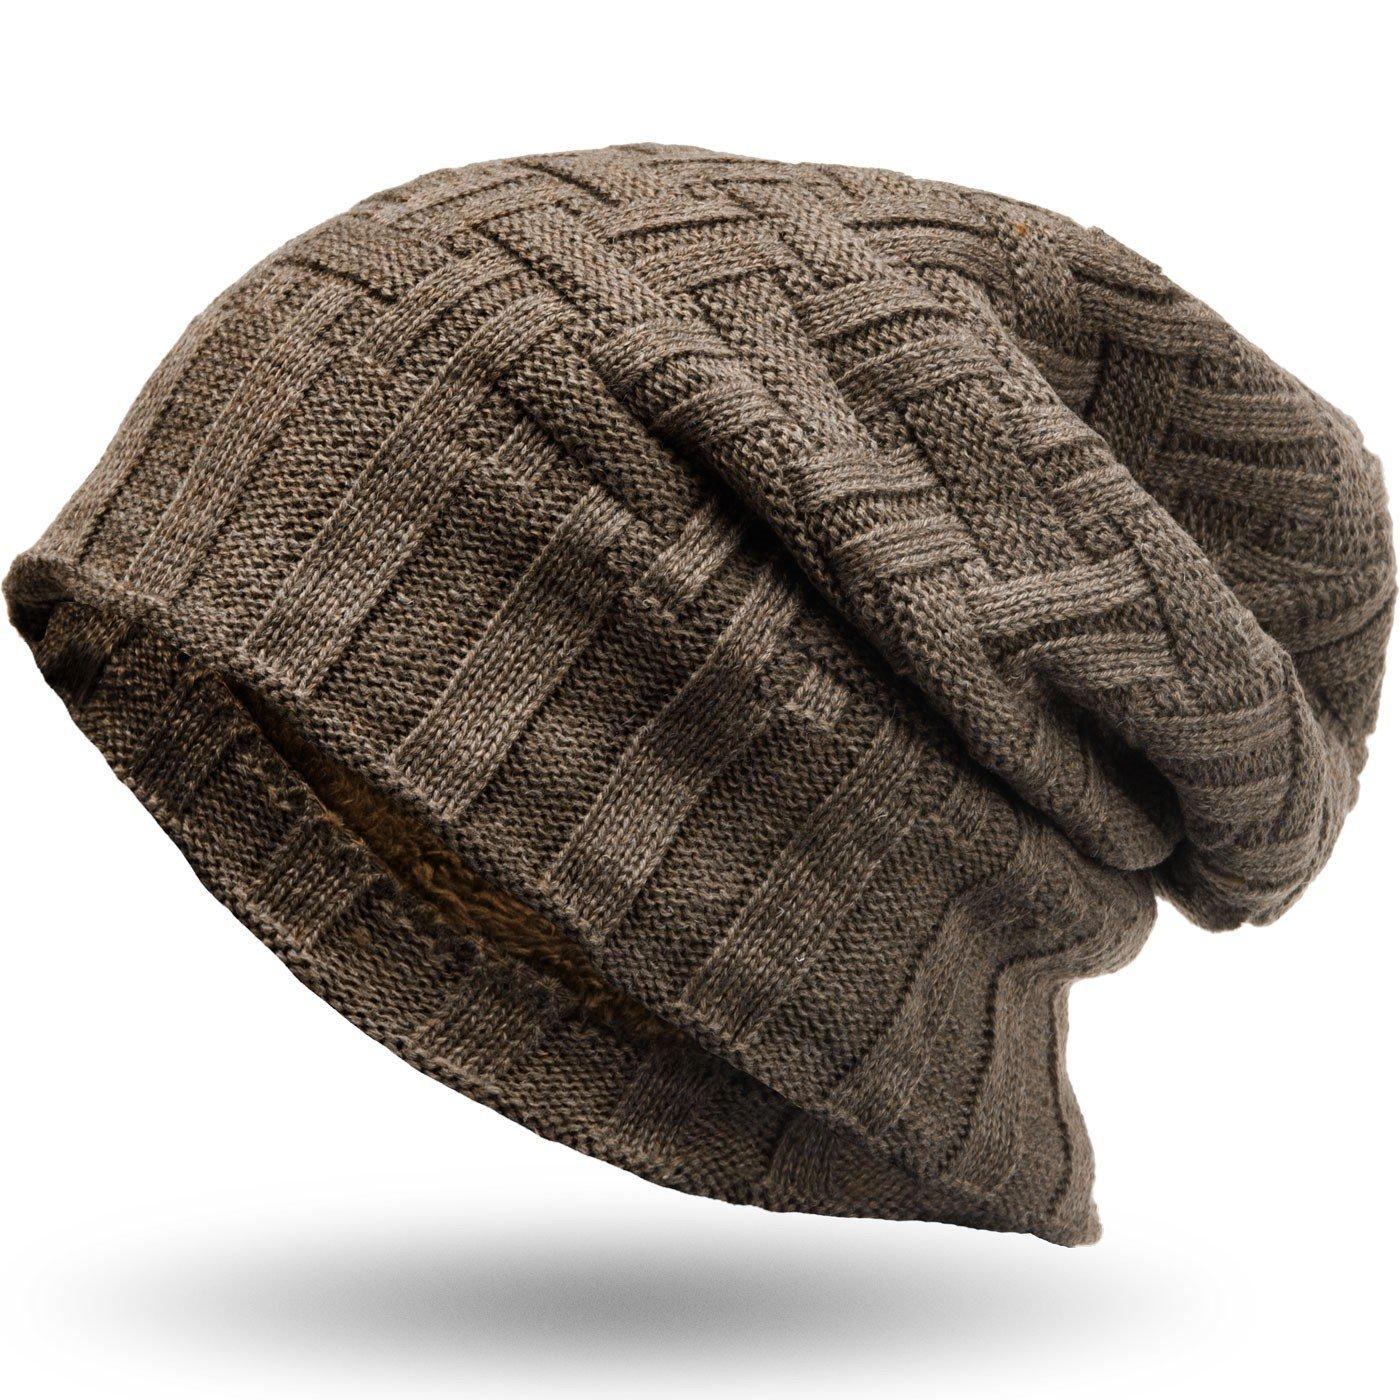 Compagno caldo berretto foderato berretto invernale beanie modello  intessuto con soffice fodera interna in pile c1b0e5633bd2